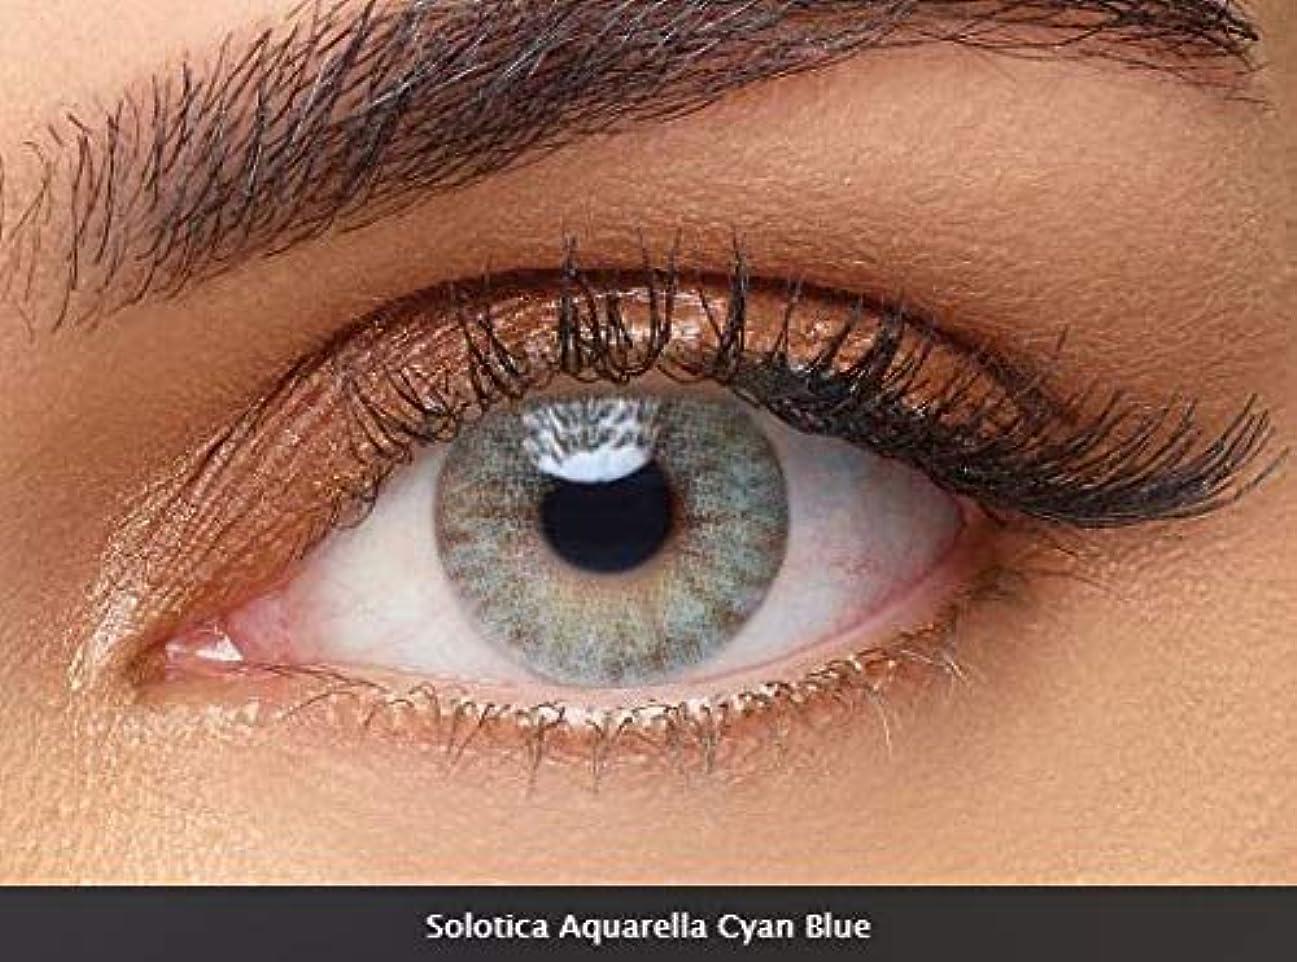 殺人削除する優雅なsolotica ソロティカ カラコン Cyan Blue - pack of 10 lenses 1day ワンデー (-2.50)